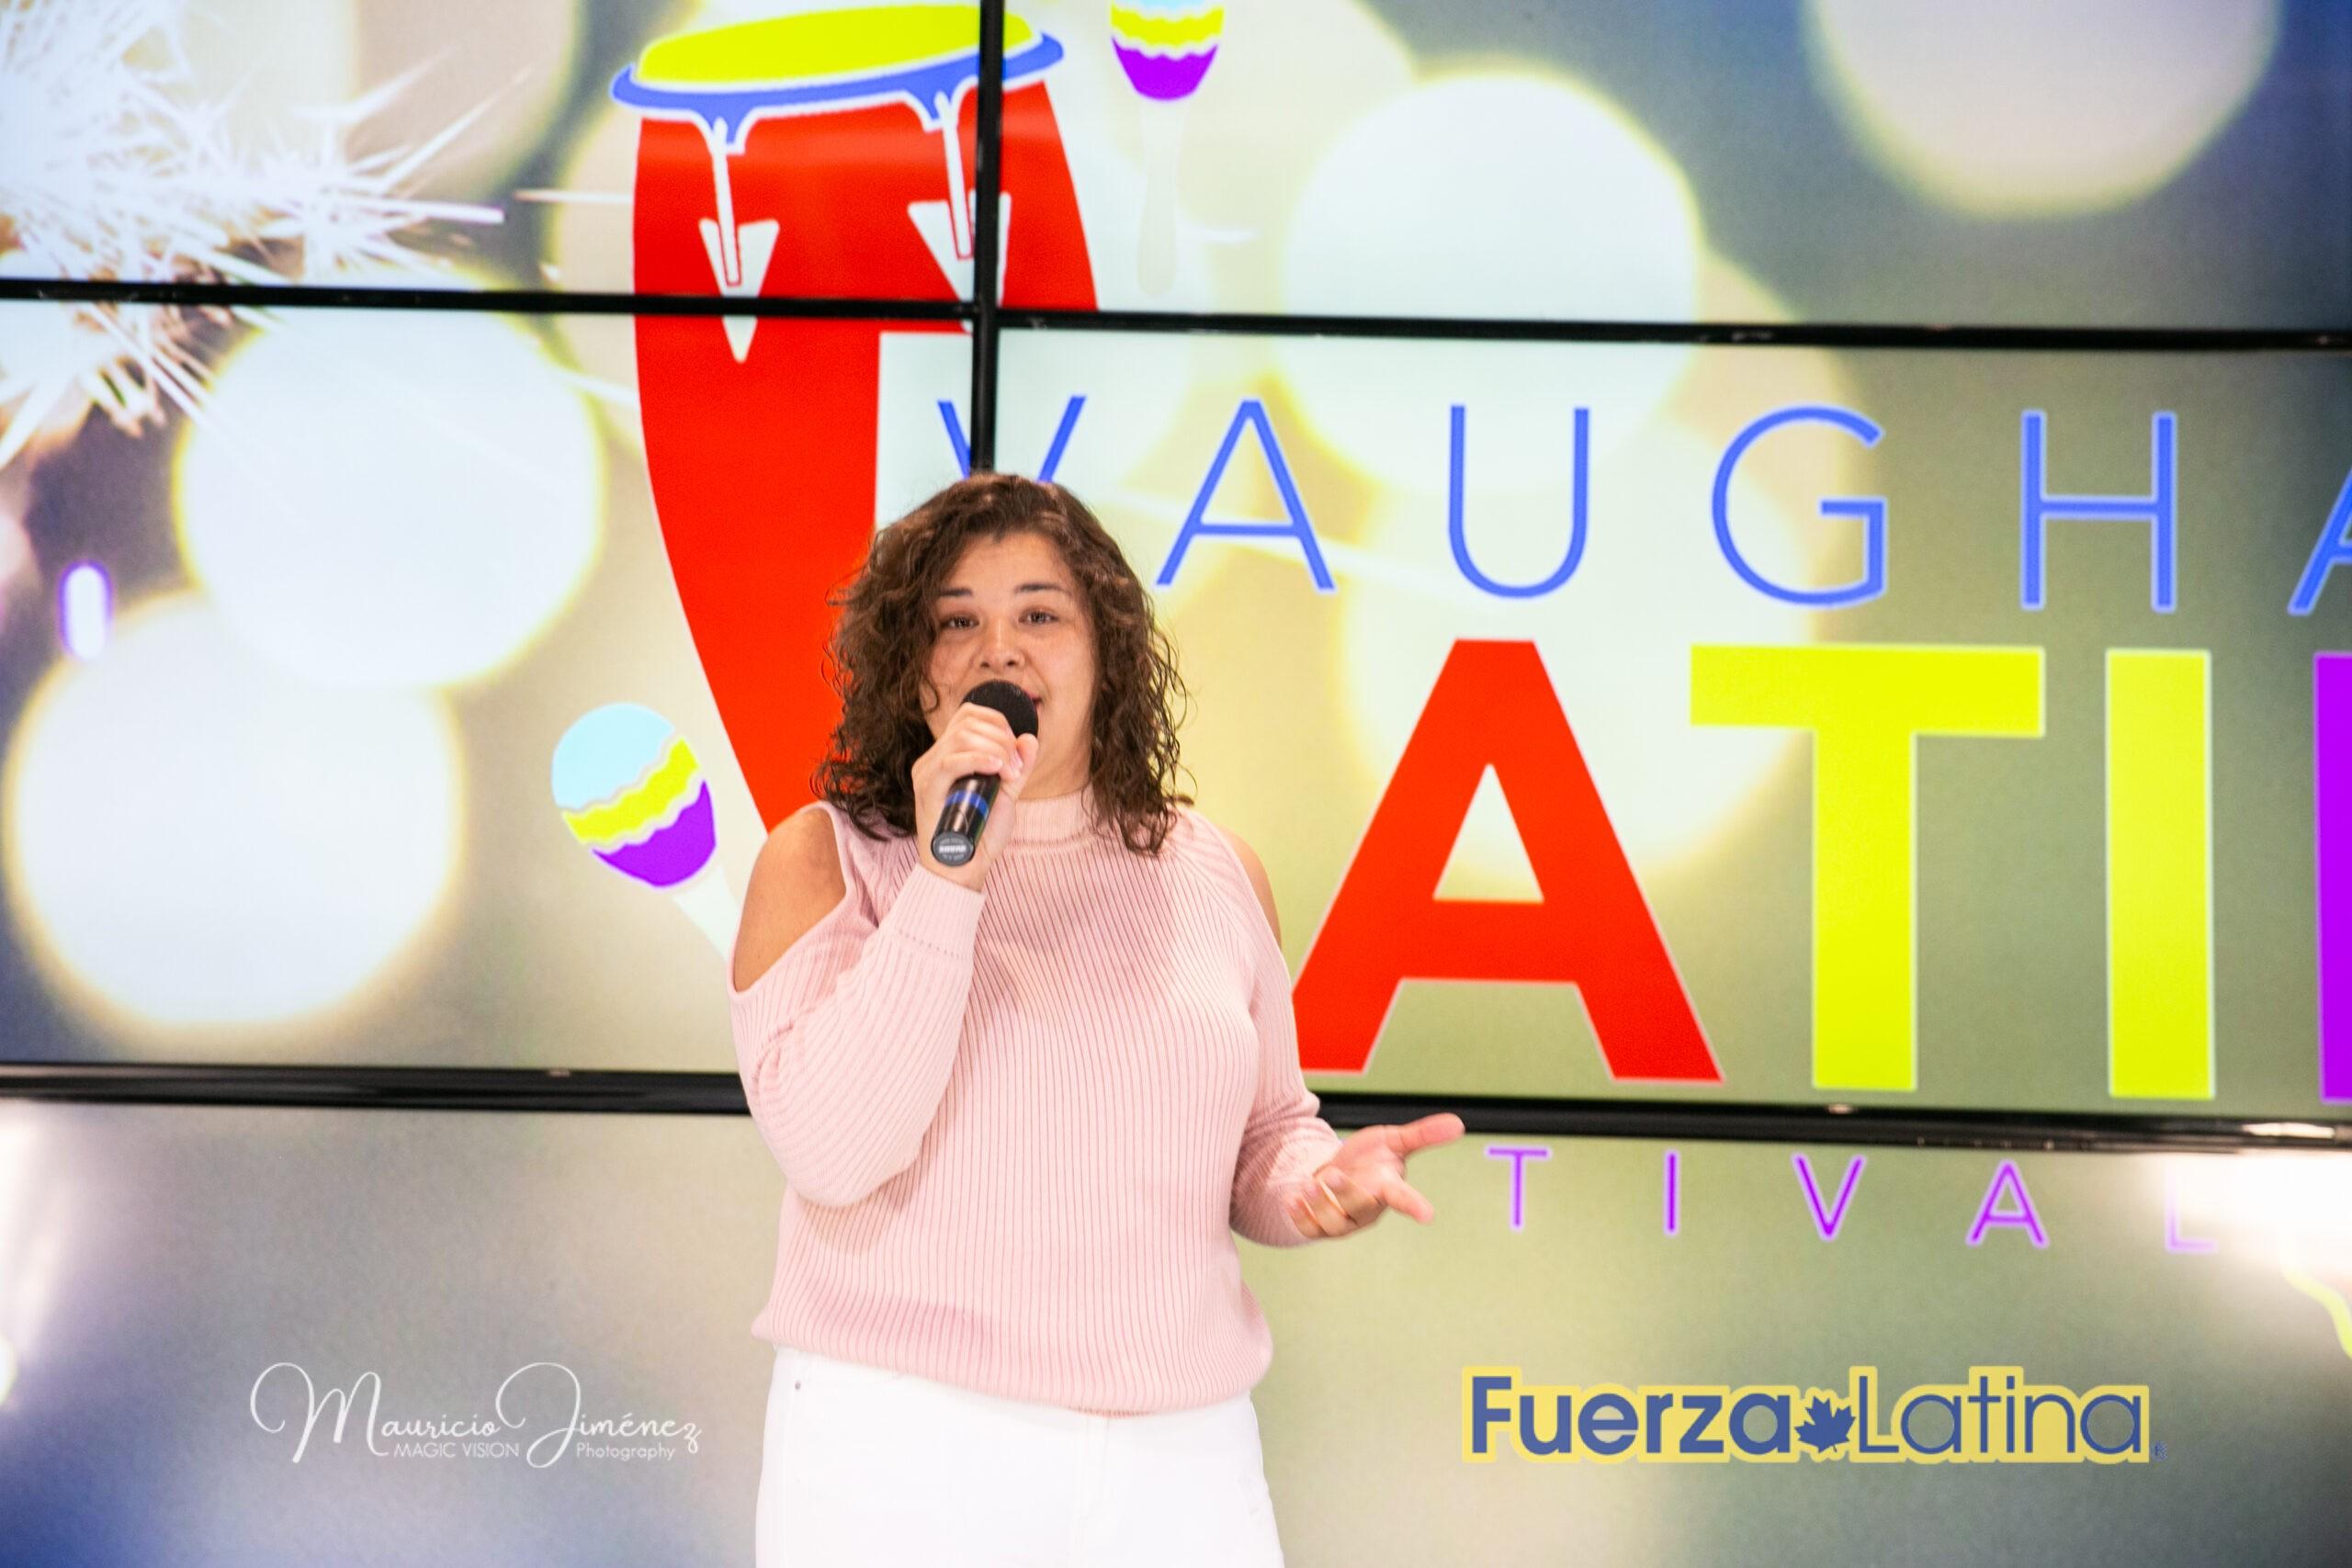 Magic_Vision-Fuerza_Latina-2020-09-20_360